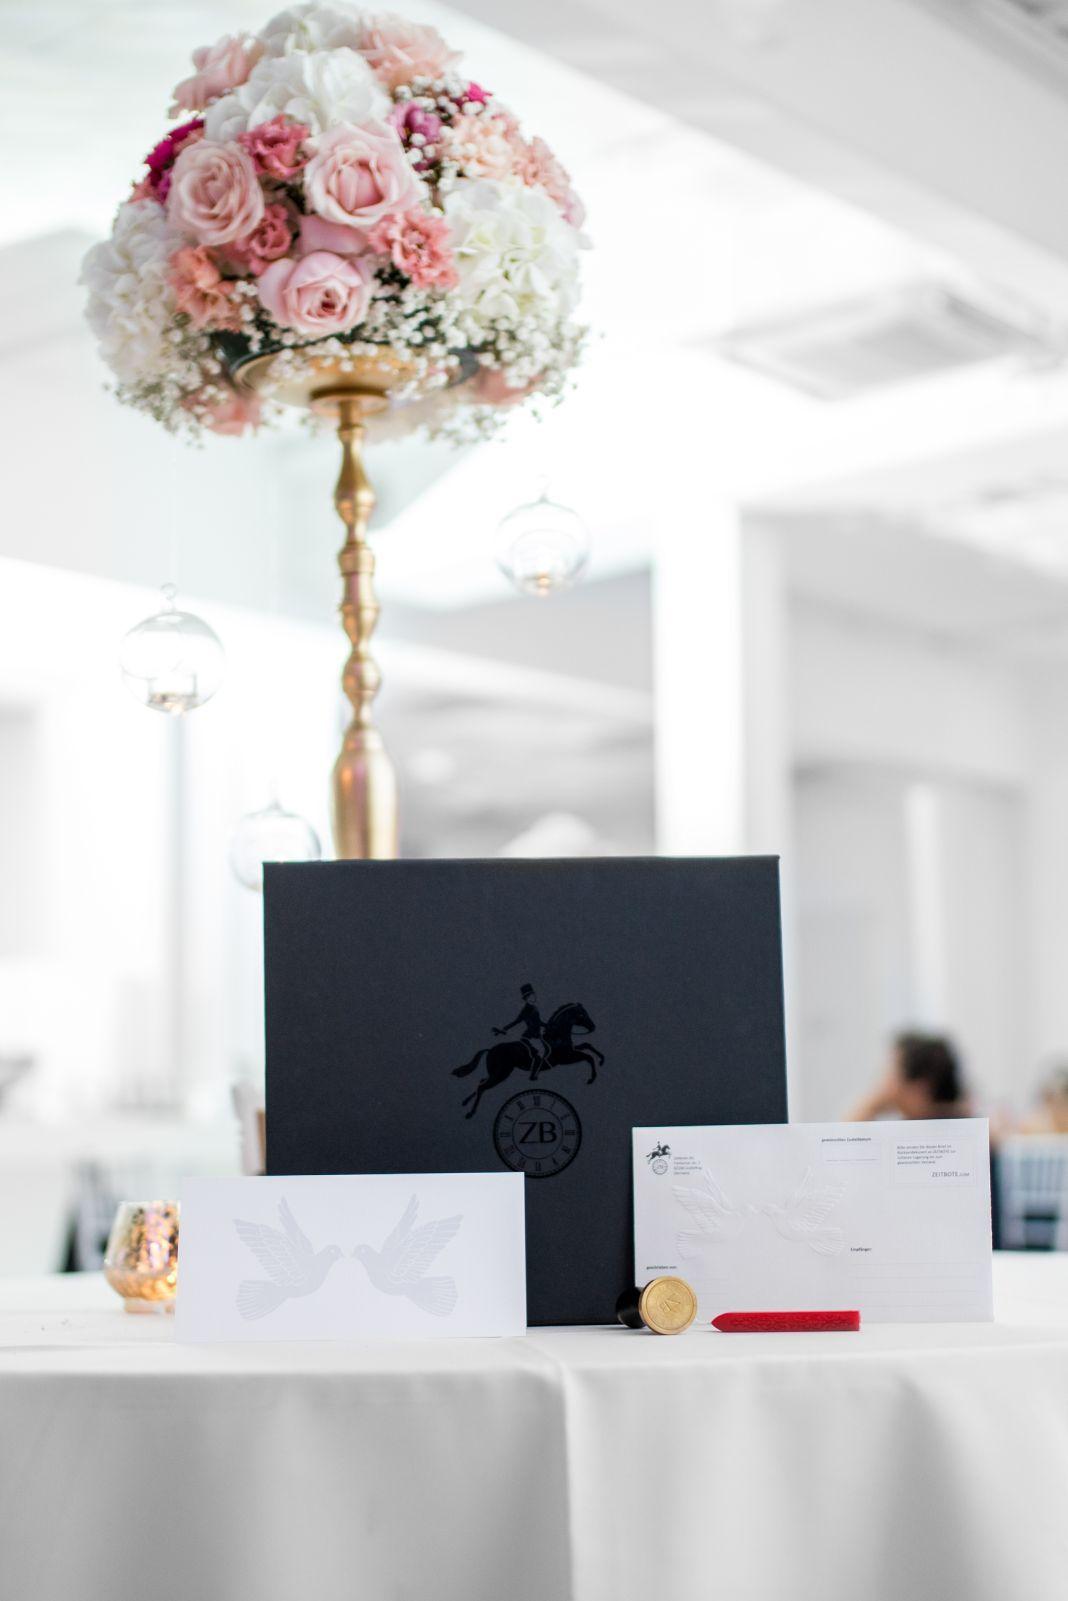 Besonderes Hochzeitsgeschenk | Hochzeitsbriefe Von Zeitbote Ein Besonderes Hochzeitsgeschenk Fur